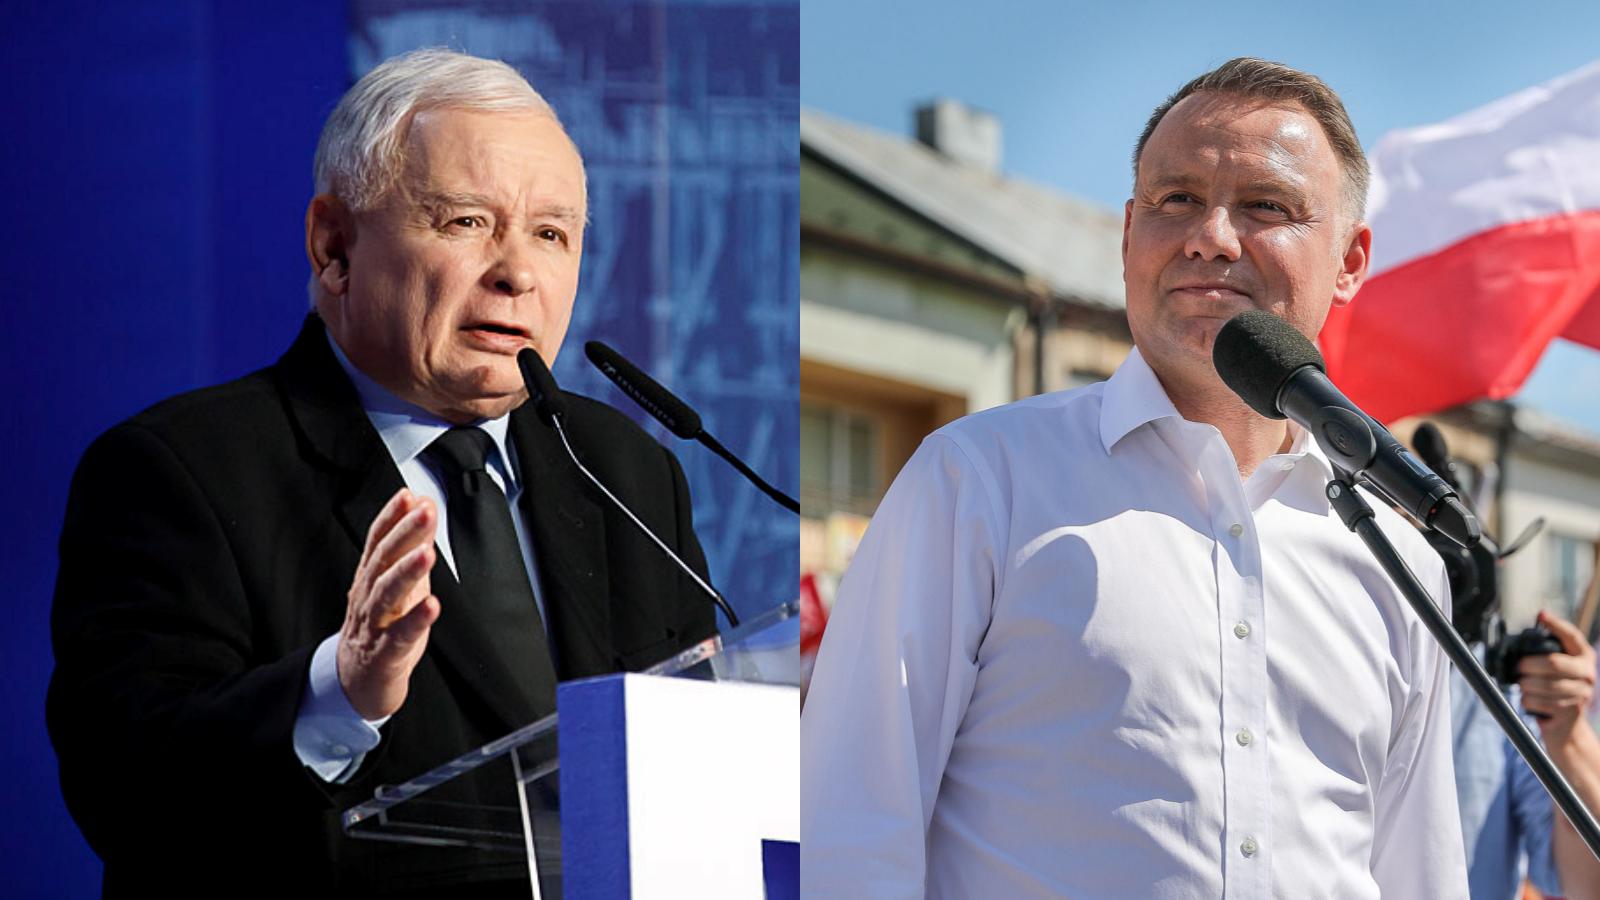 Nieoficjalnie: Duda zawetuje Lex TVN. Prezydent idzie na wojnę z Kaczyńskim